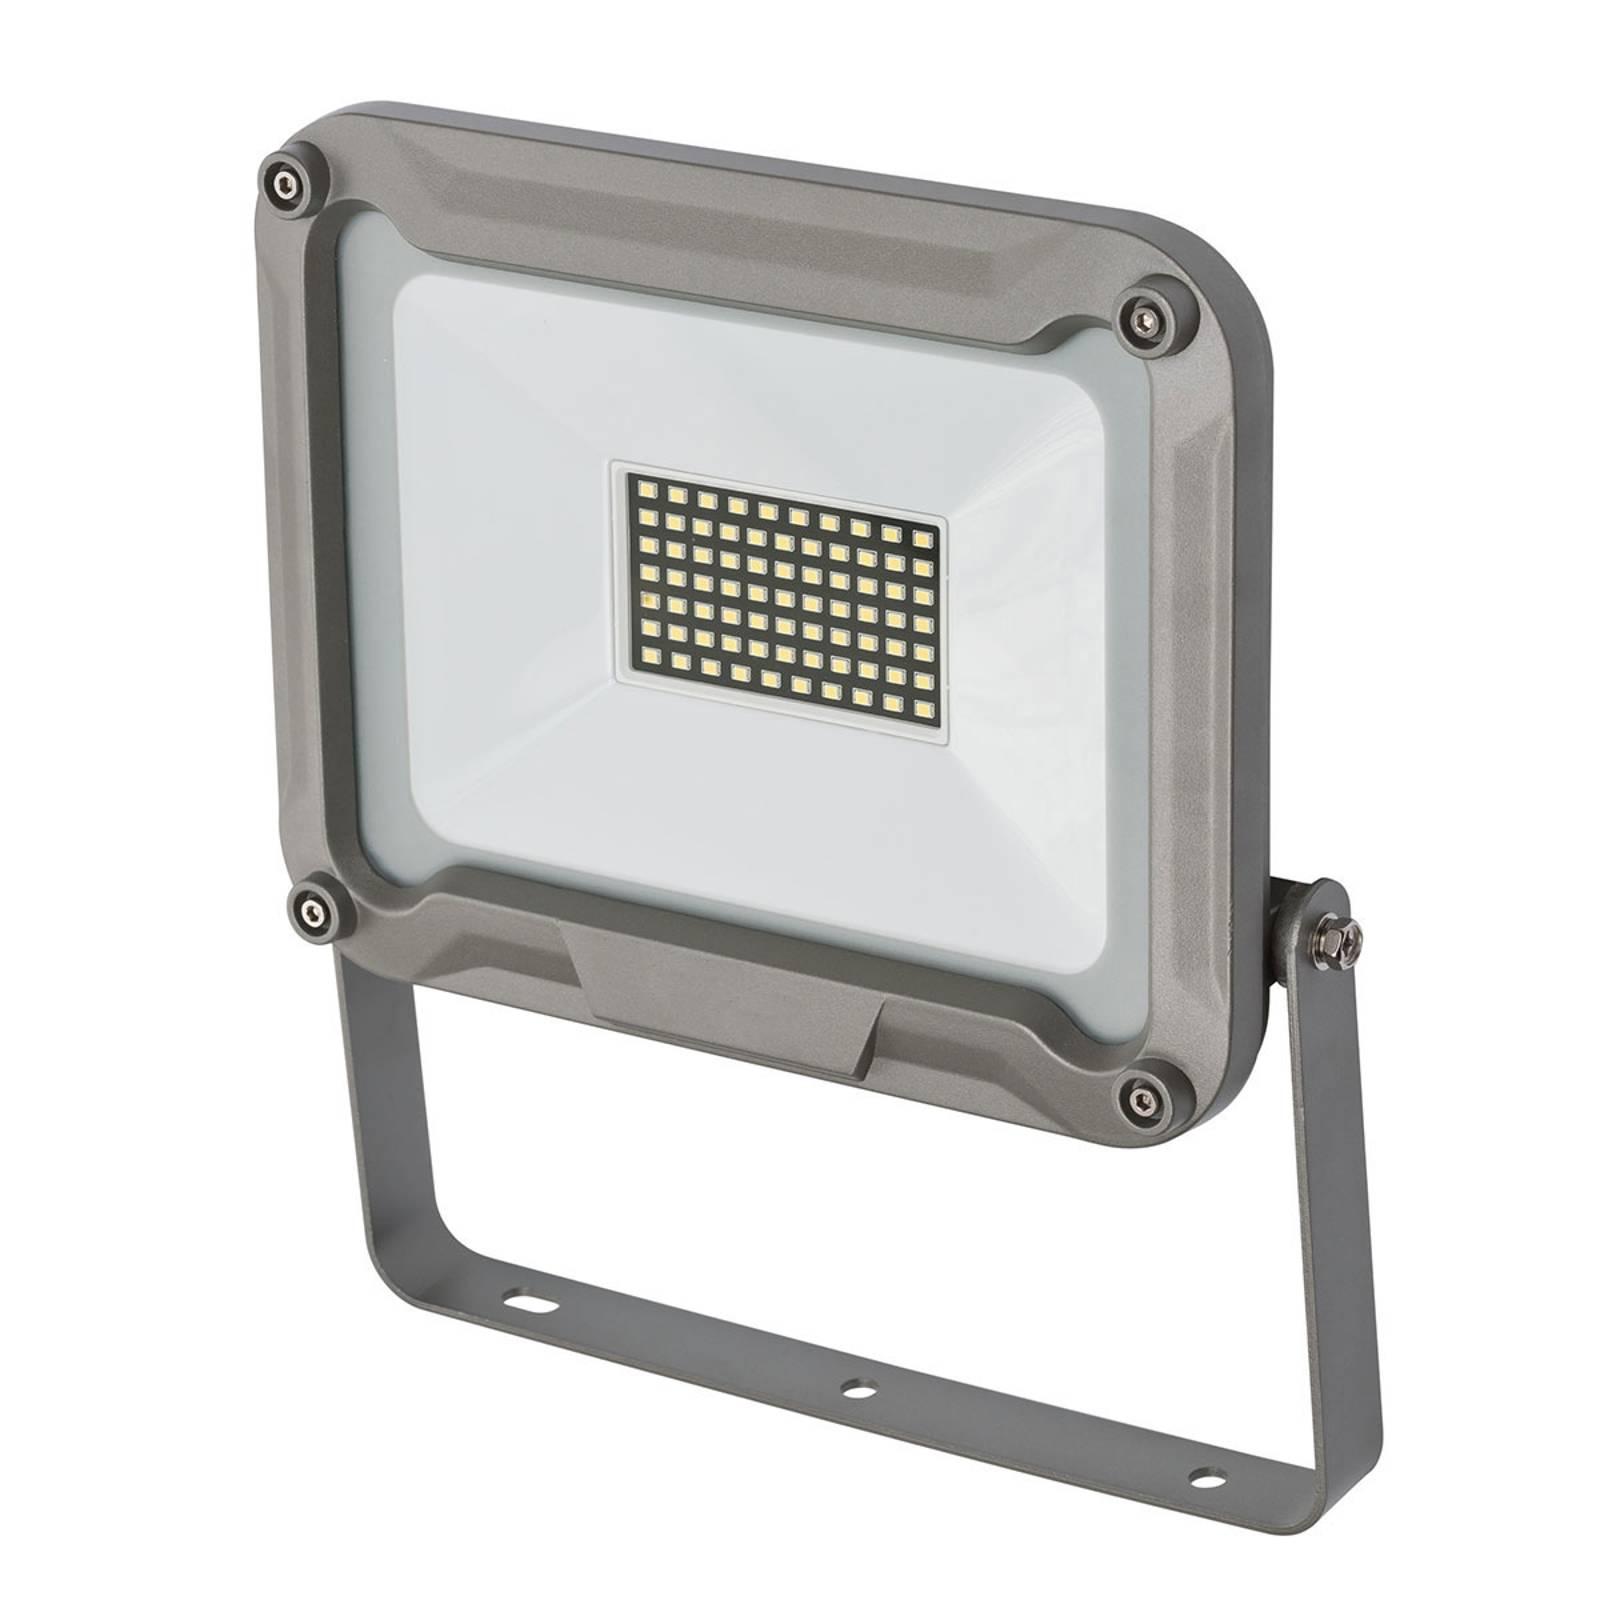 LED-ulkokohdevalaisin Jaro asennukseen IP65 50W